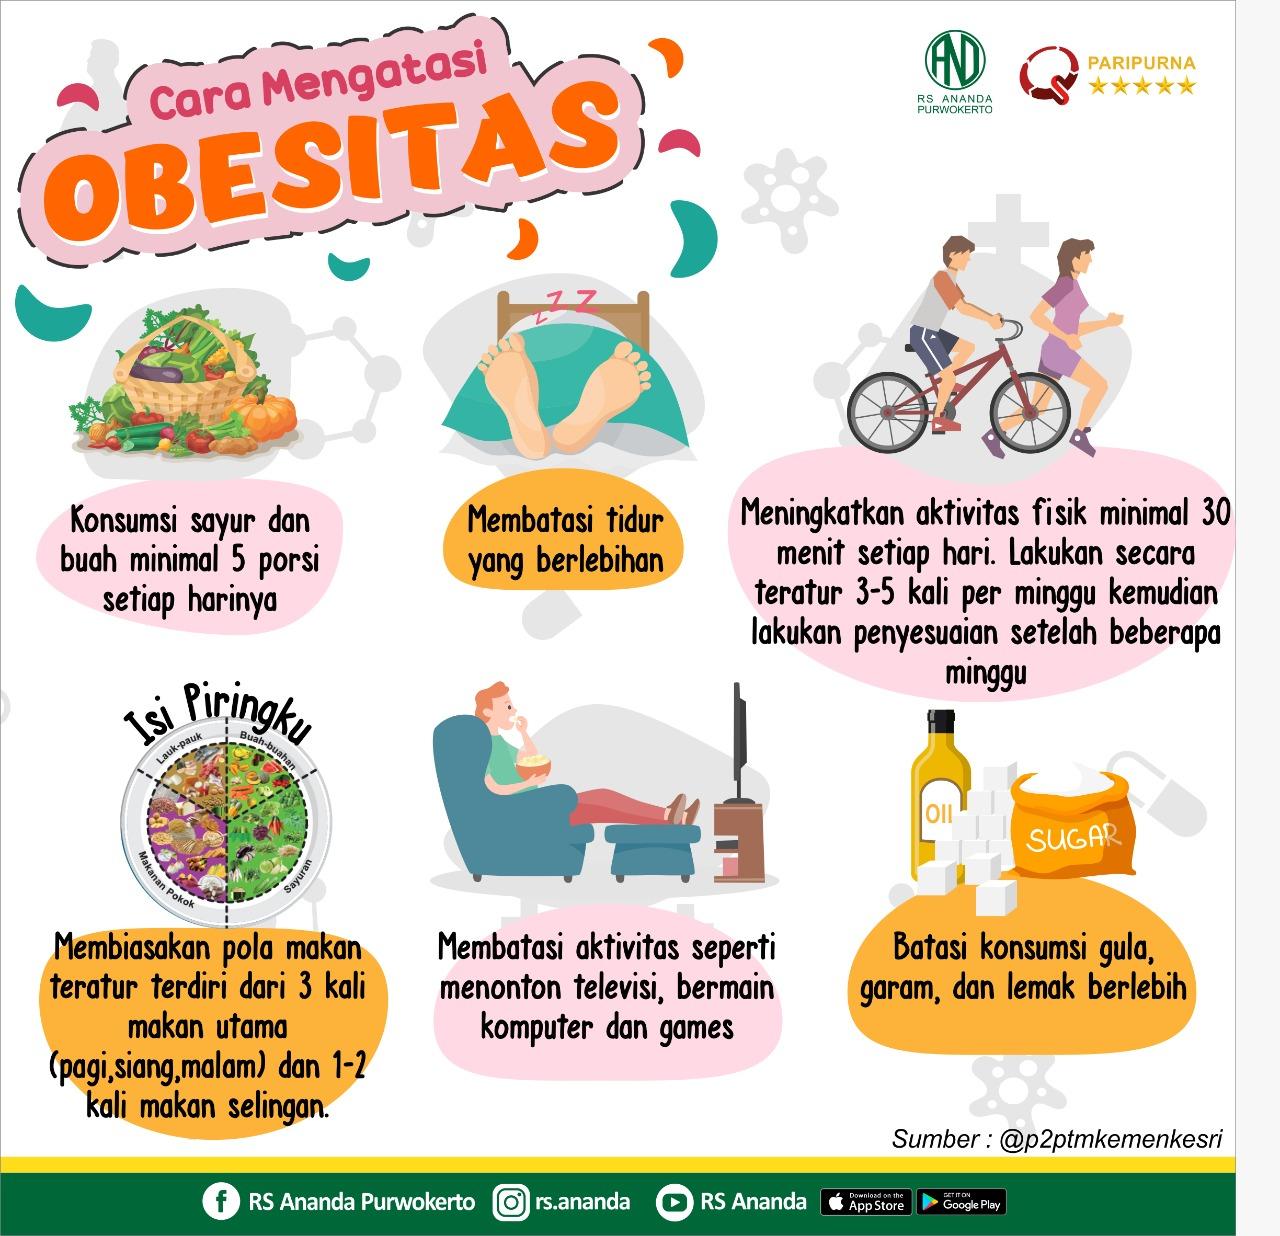 cara mengatasi obesitas CARA MENGATASI OBESITAS WhatsApp Image 2019 09 22 at 21